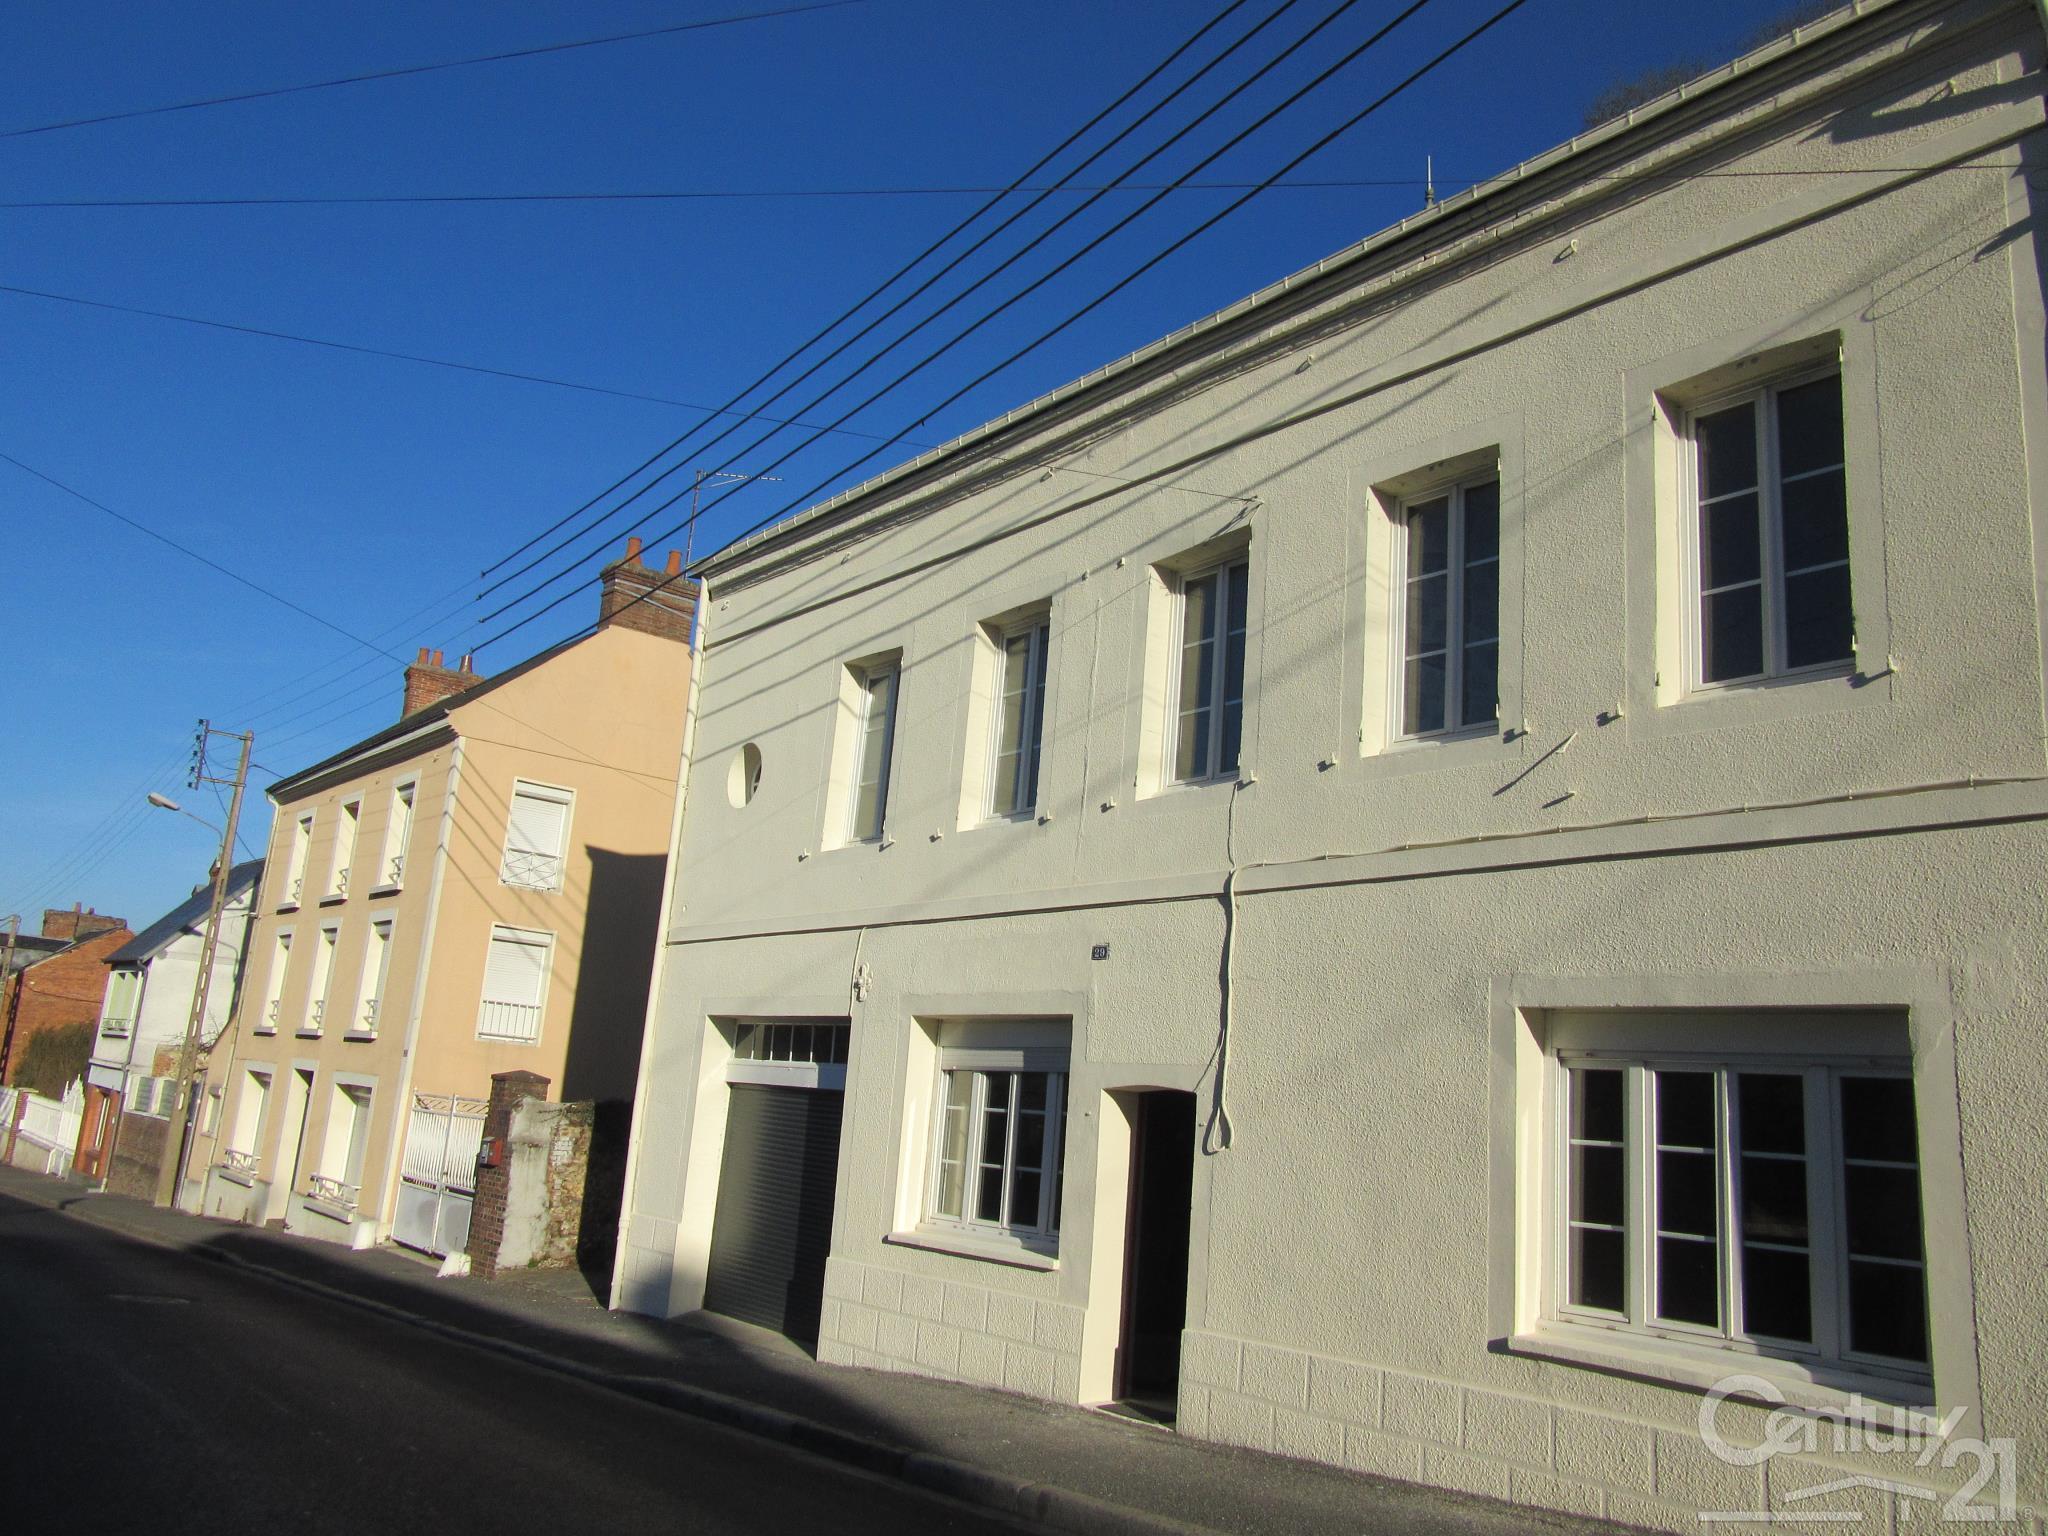 Maison à louer - 4 pièces - 104 m2 - ORBEC - 14 - BASSE-NORMANDIE